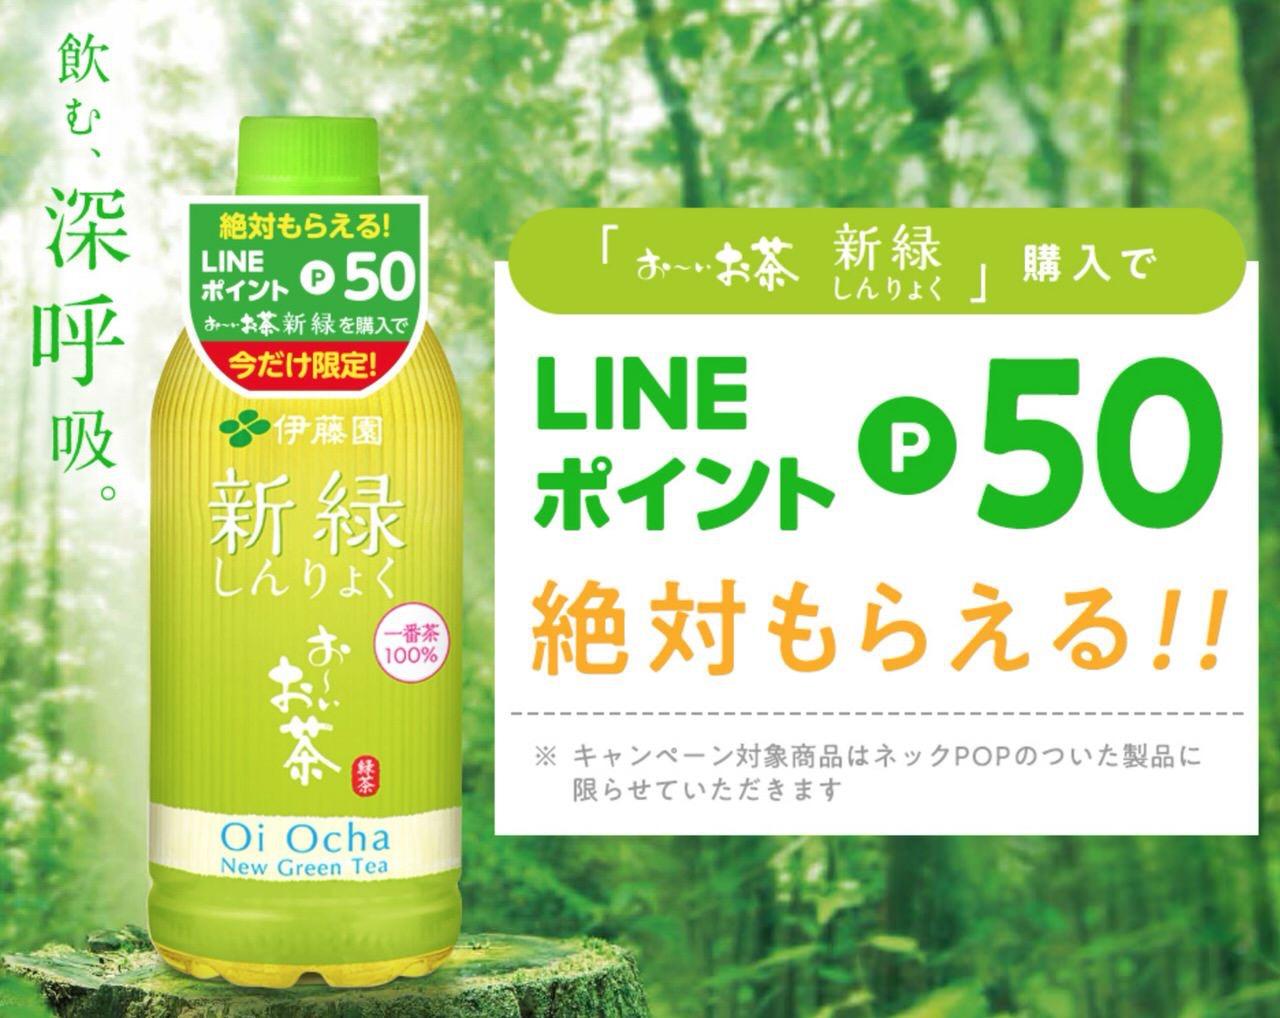 【LINE】「お〜いお茶 新緑」必ず50ポイント貰えるキャンペーン